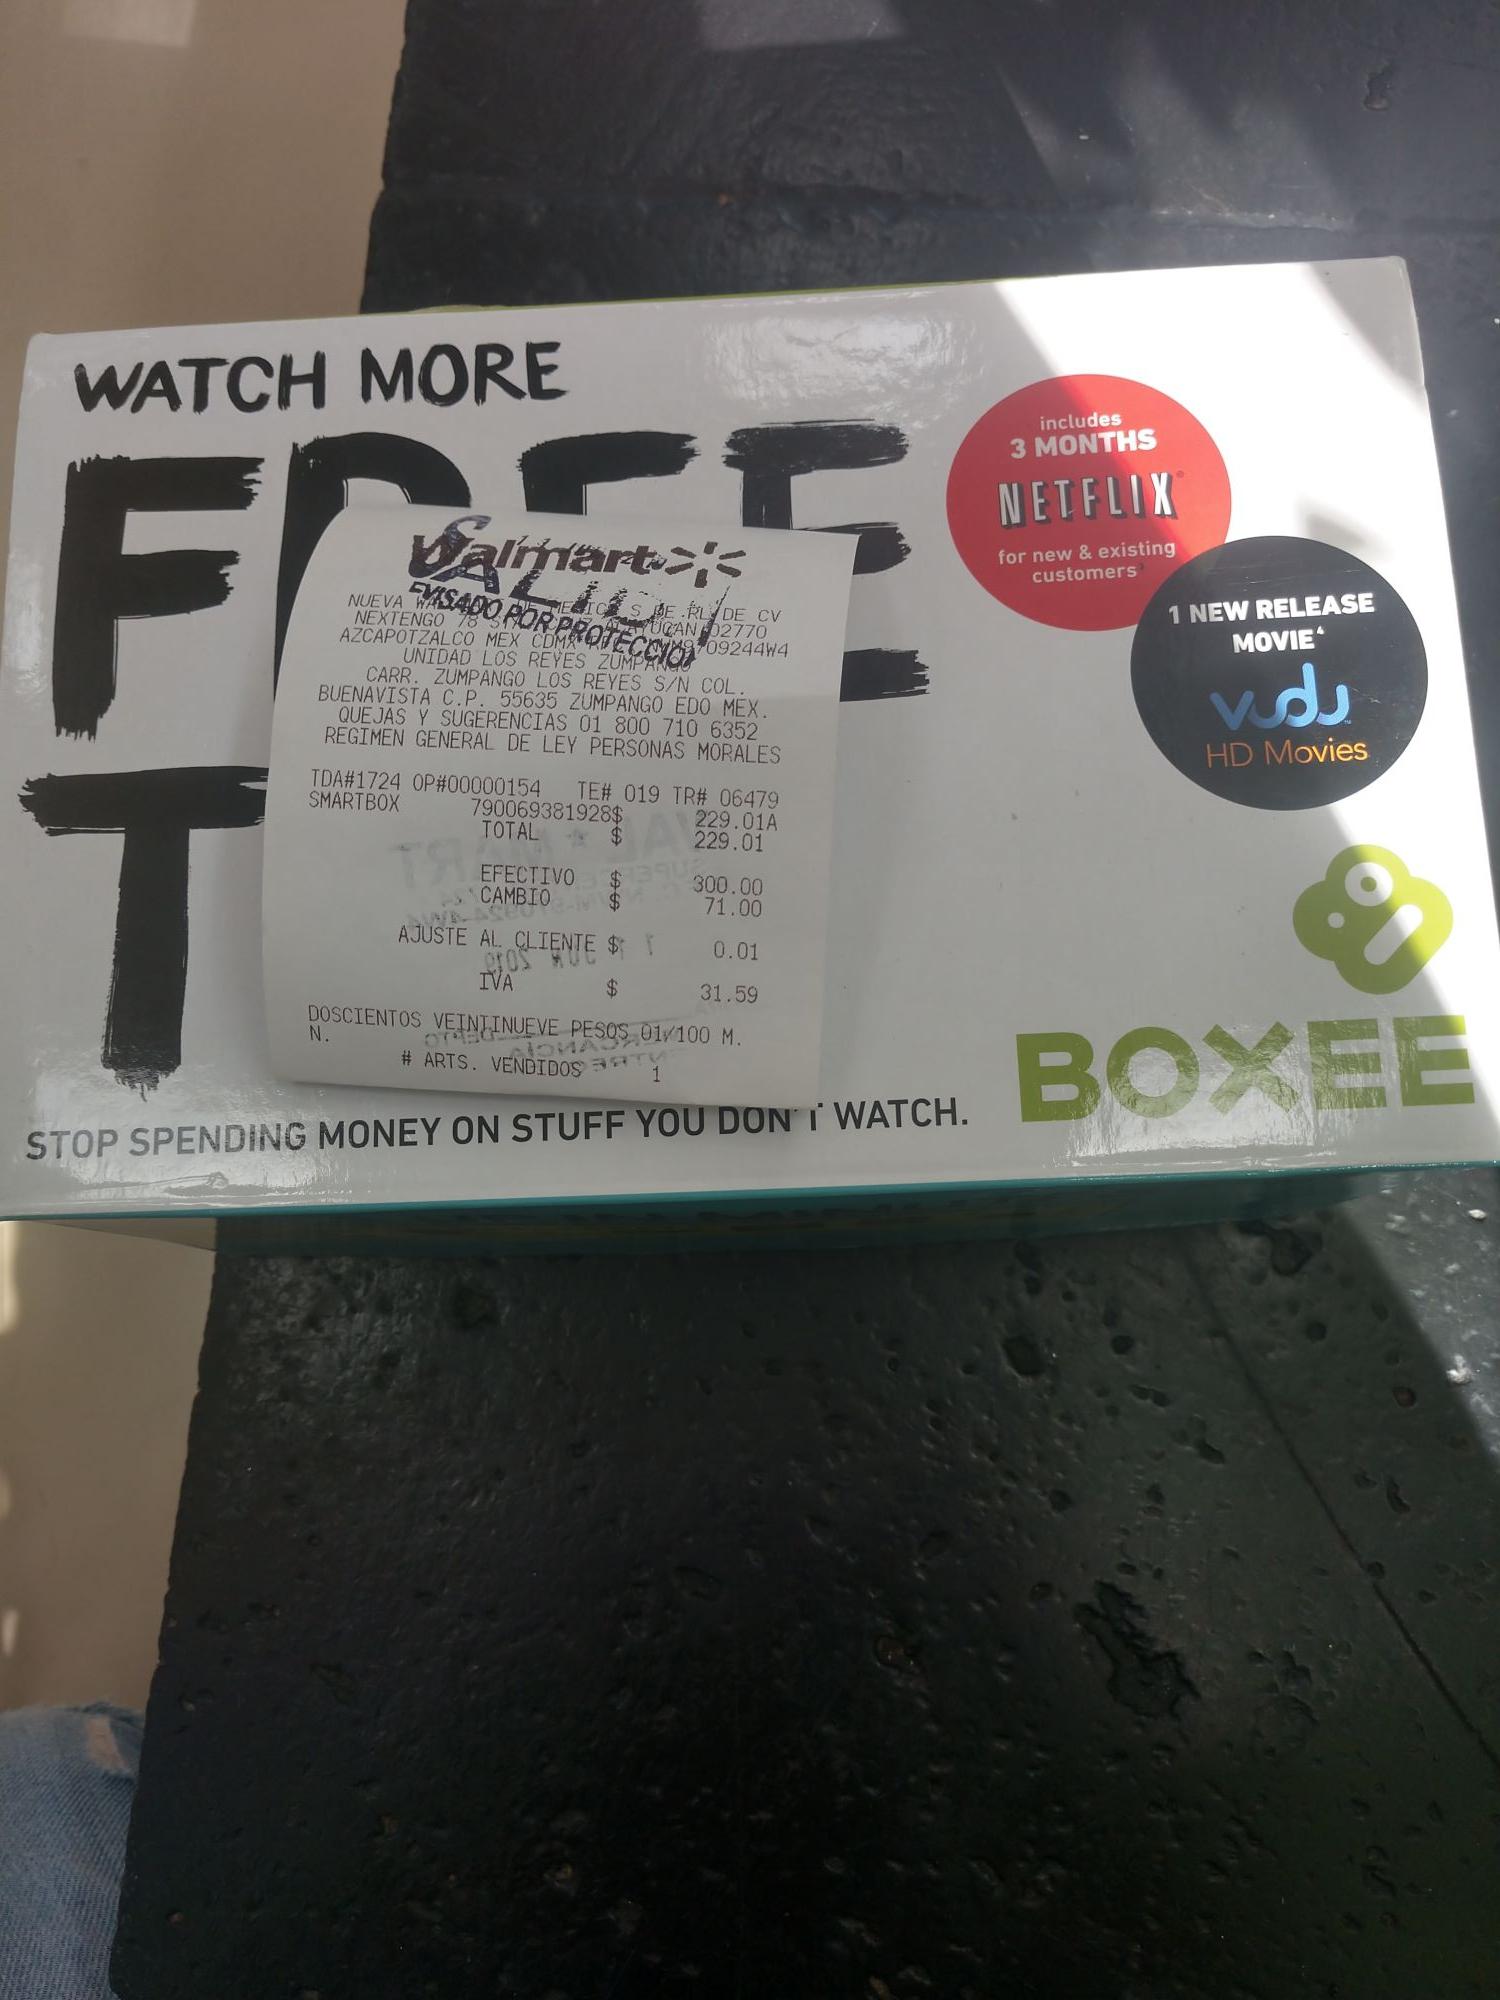 Walmart: Boxee 229.01 con 3 meses de netflix